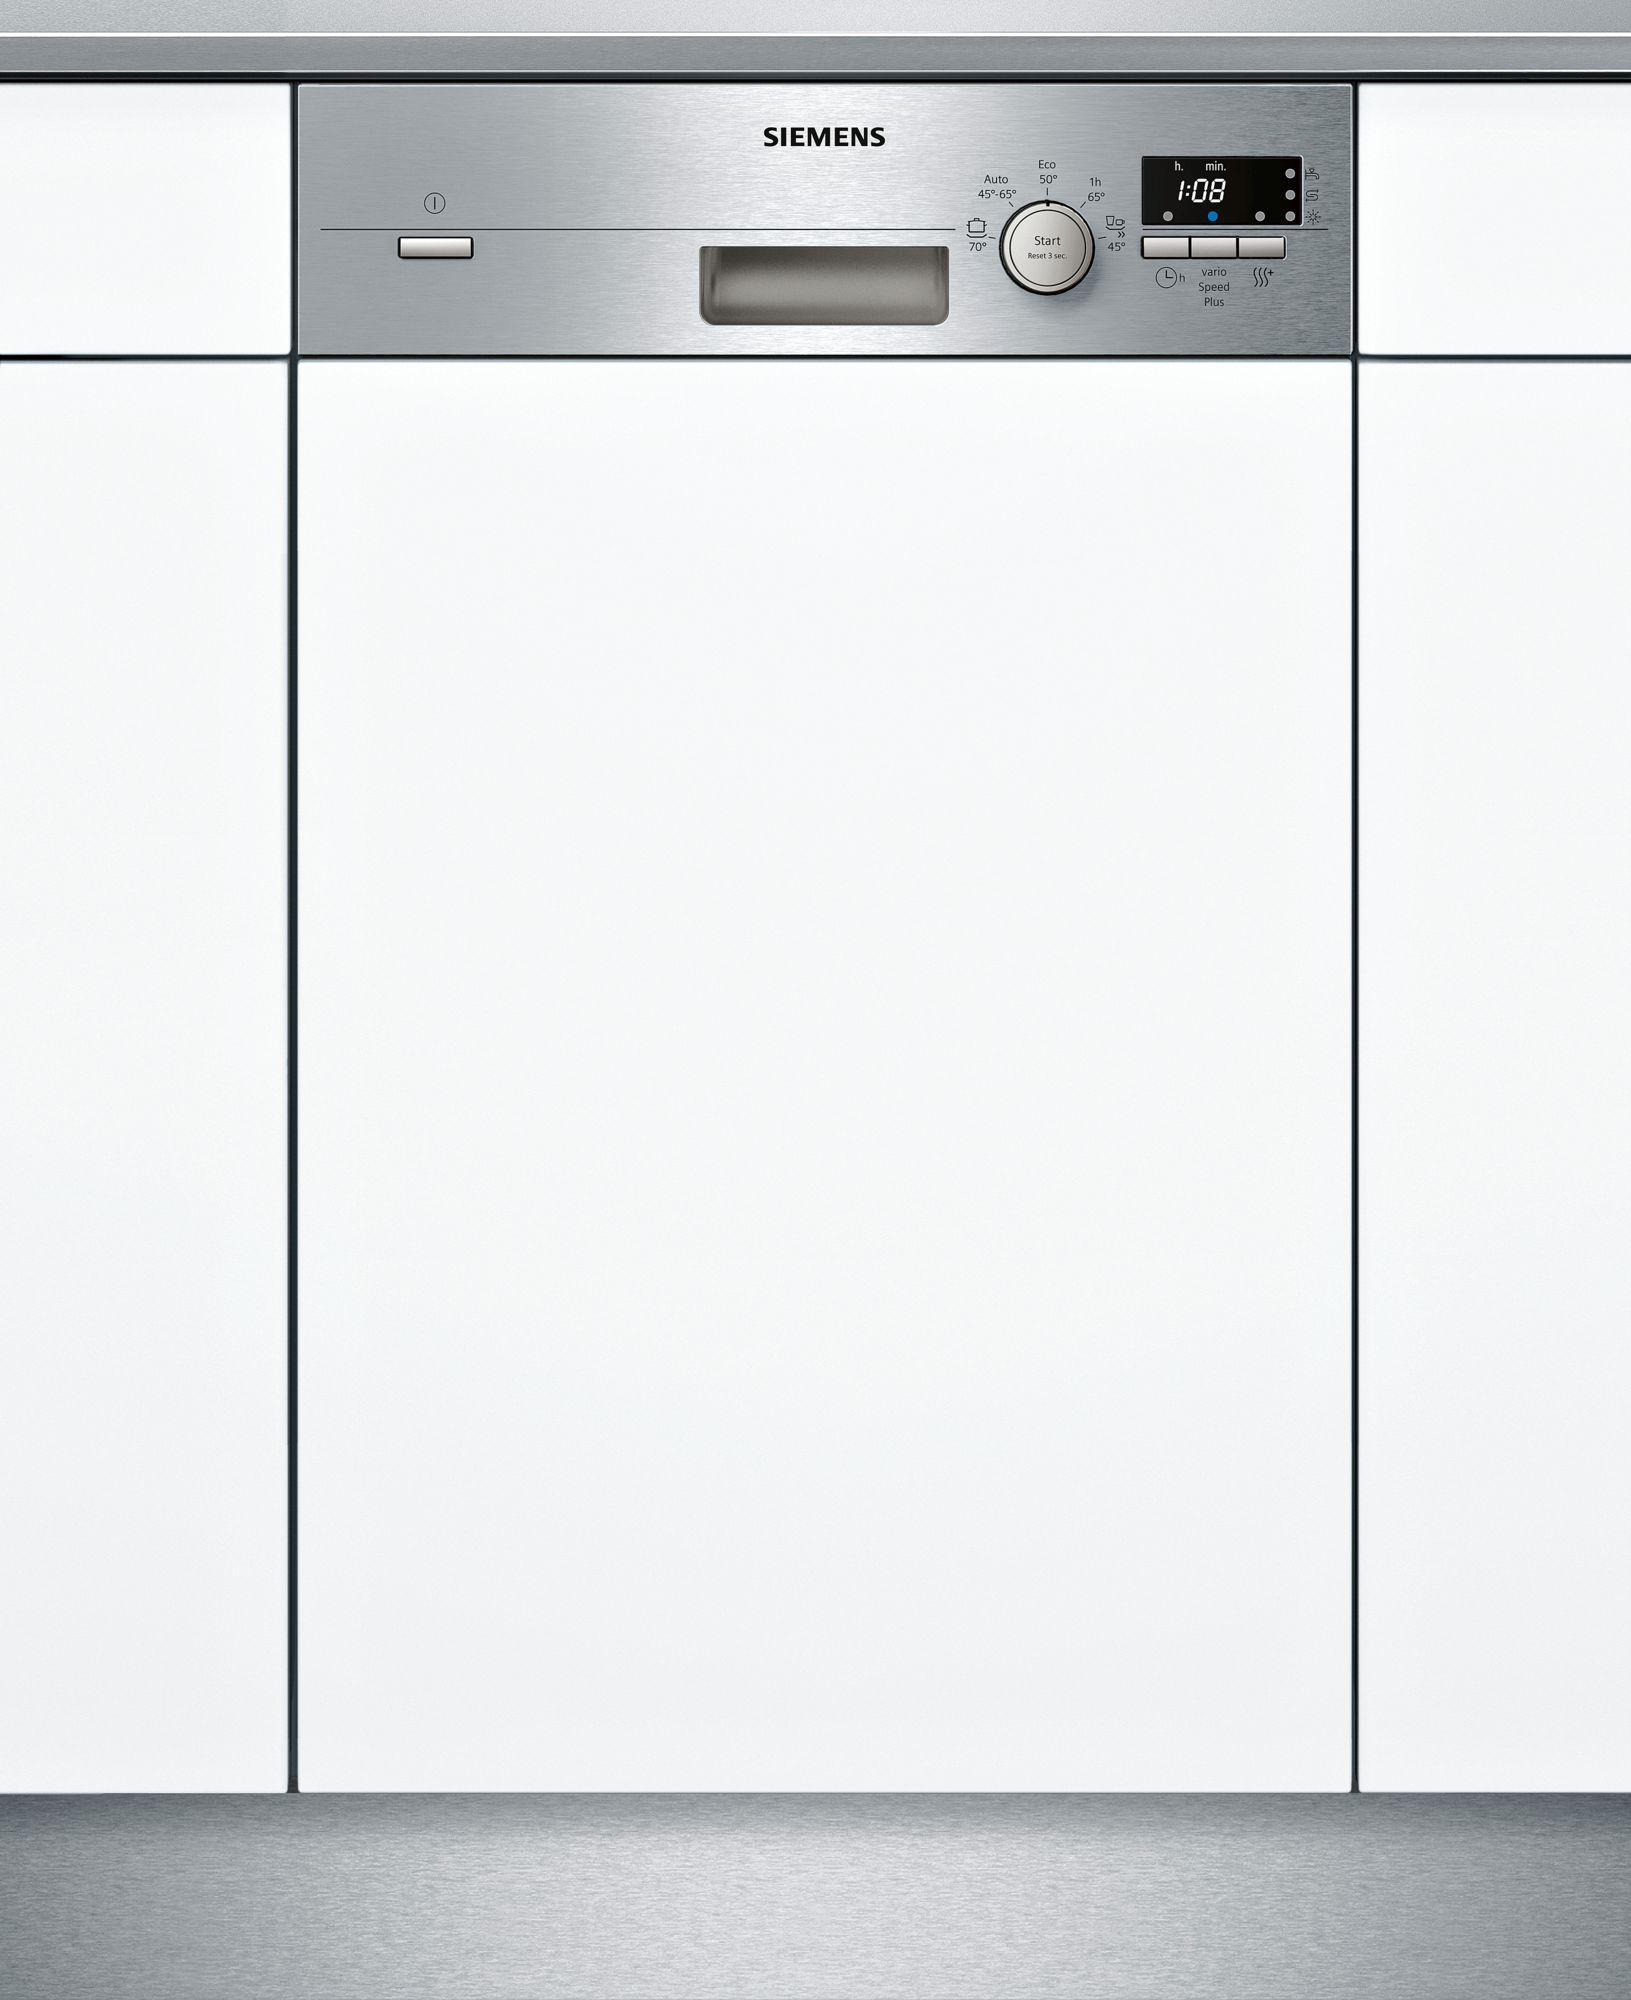 מדיח כלים צר חצי אינטגרלי Siemens SR515S03CE תוצרת גרמניה